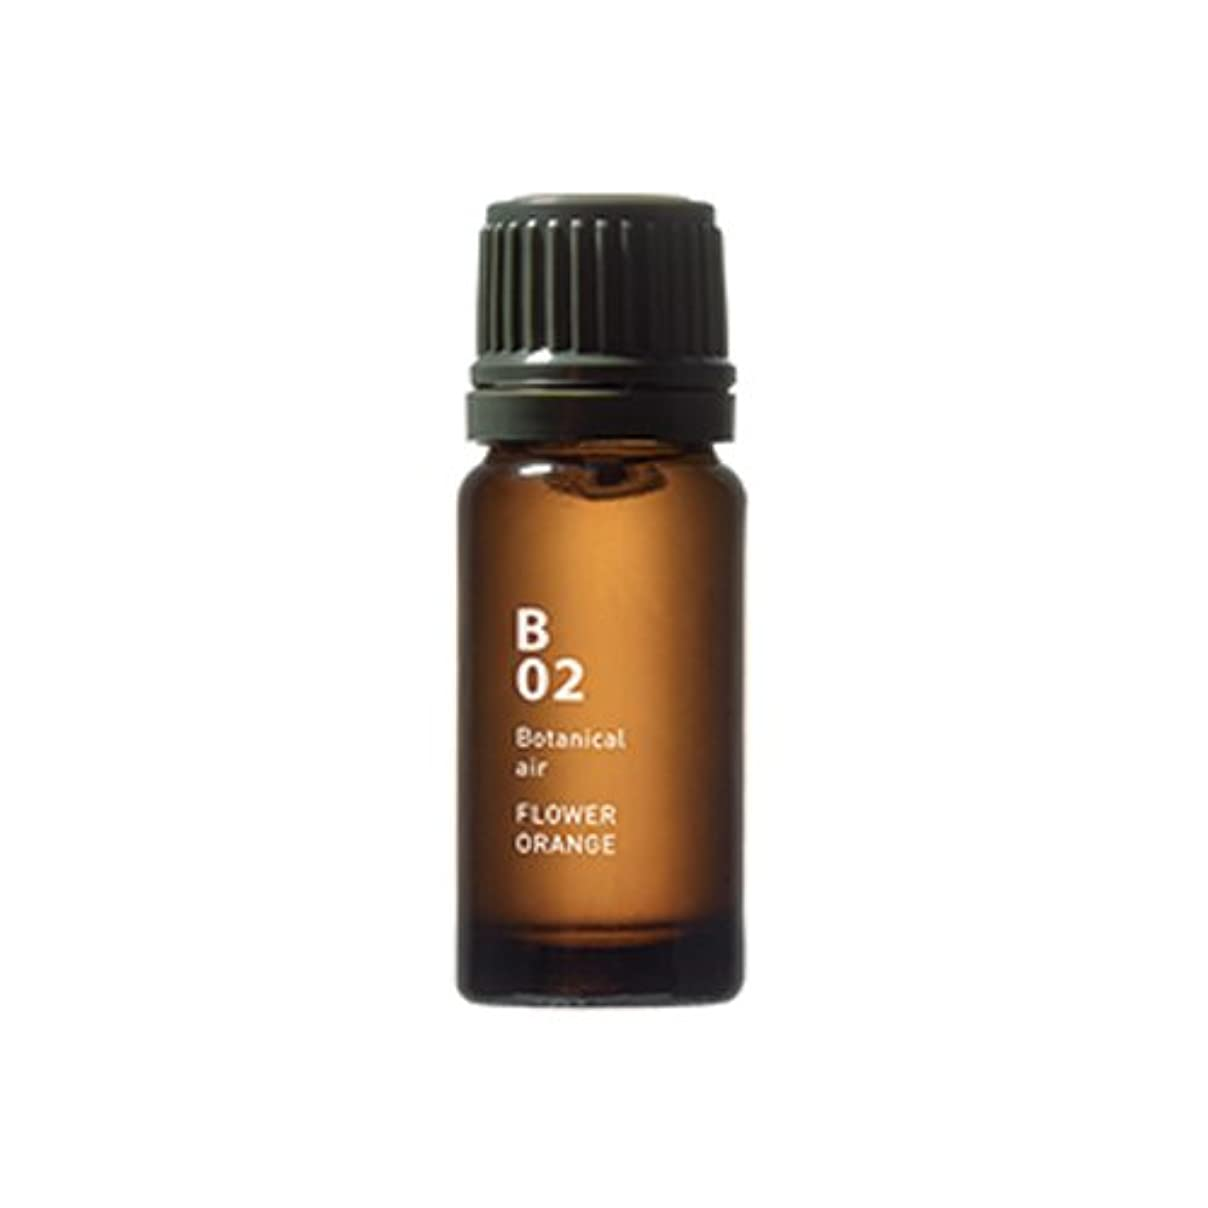 顕著食欲マーガレットミッチェルB02 フラワーオレンジ Botanical air(ボタニカルエアー) 10ml